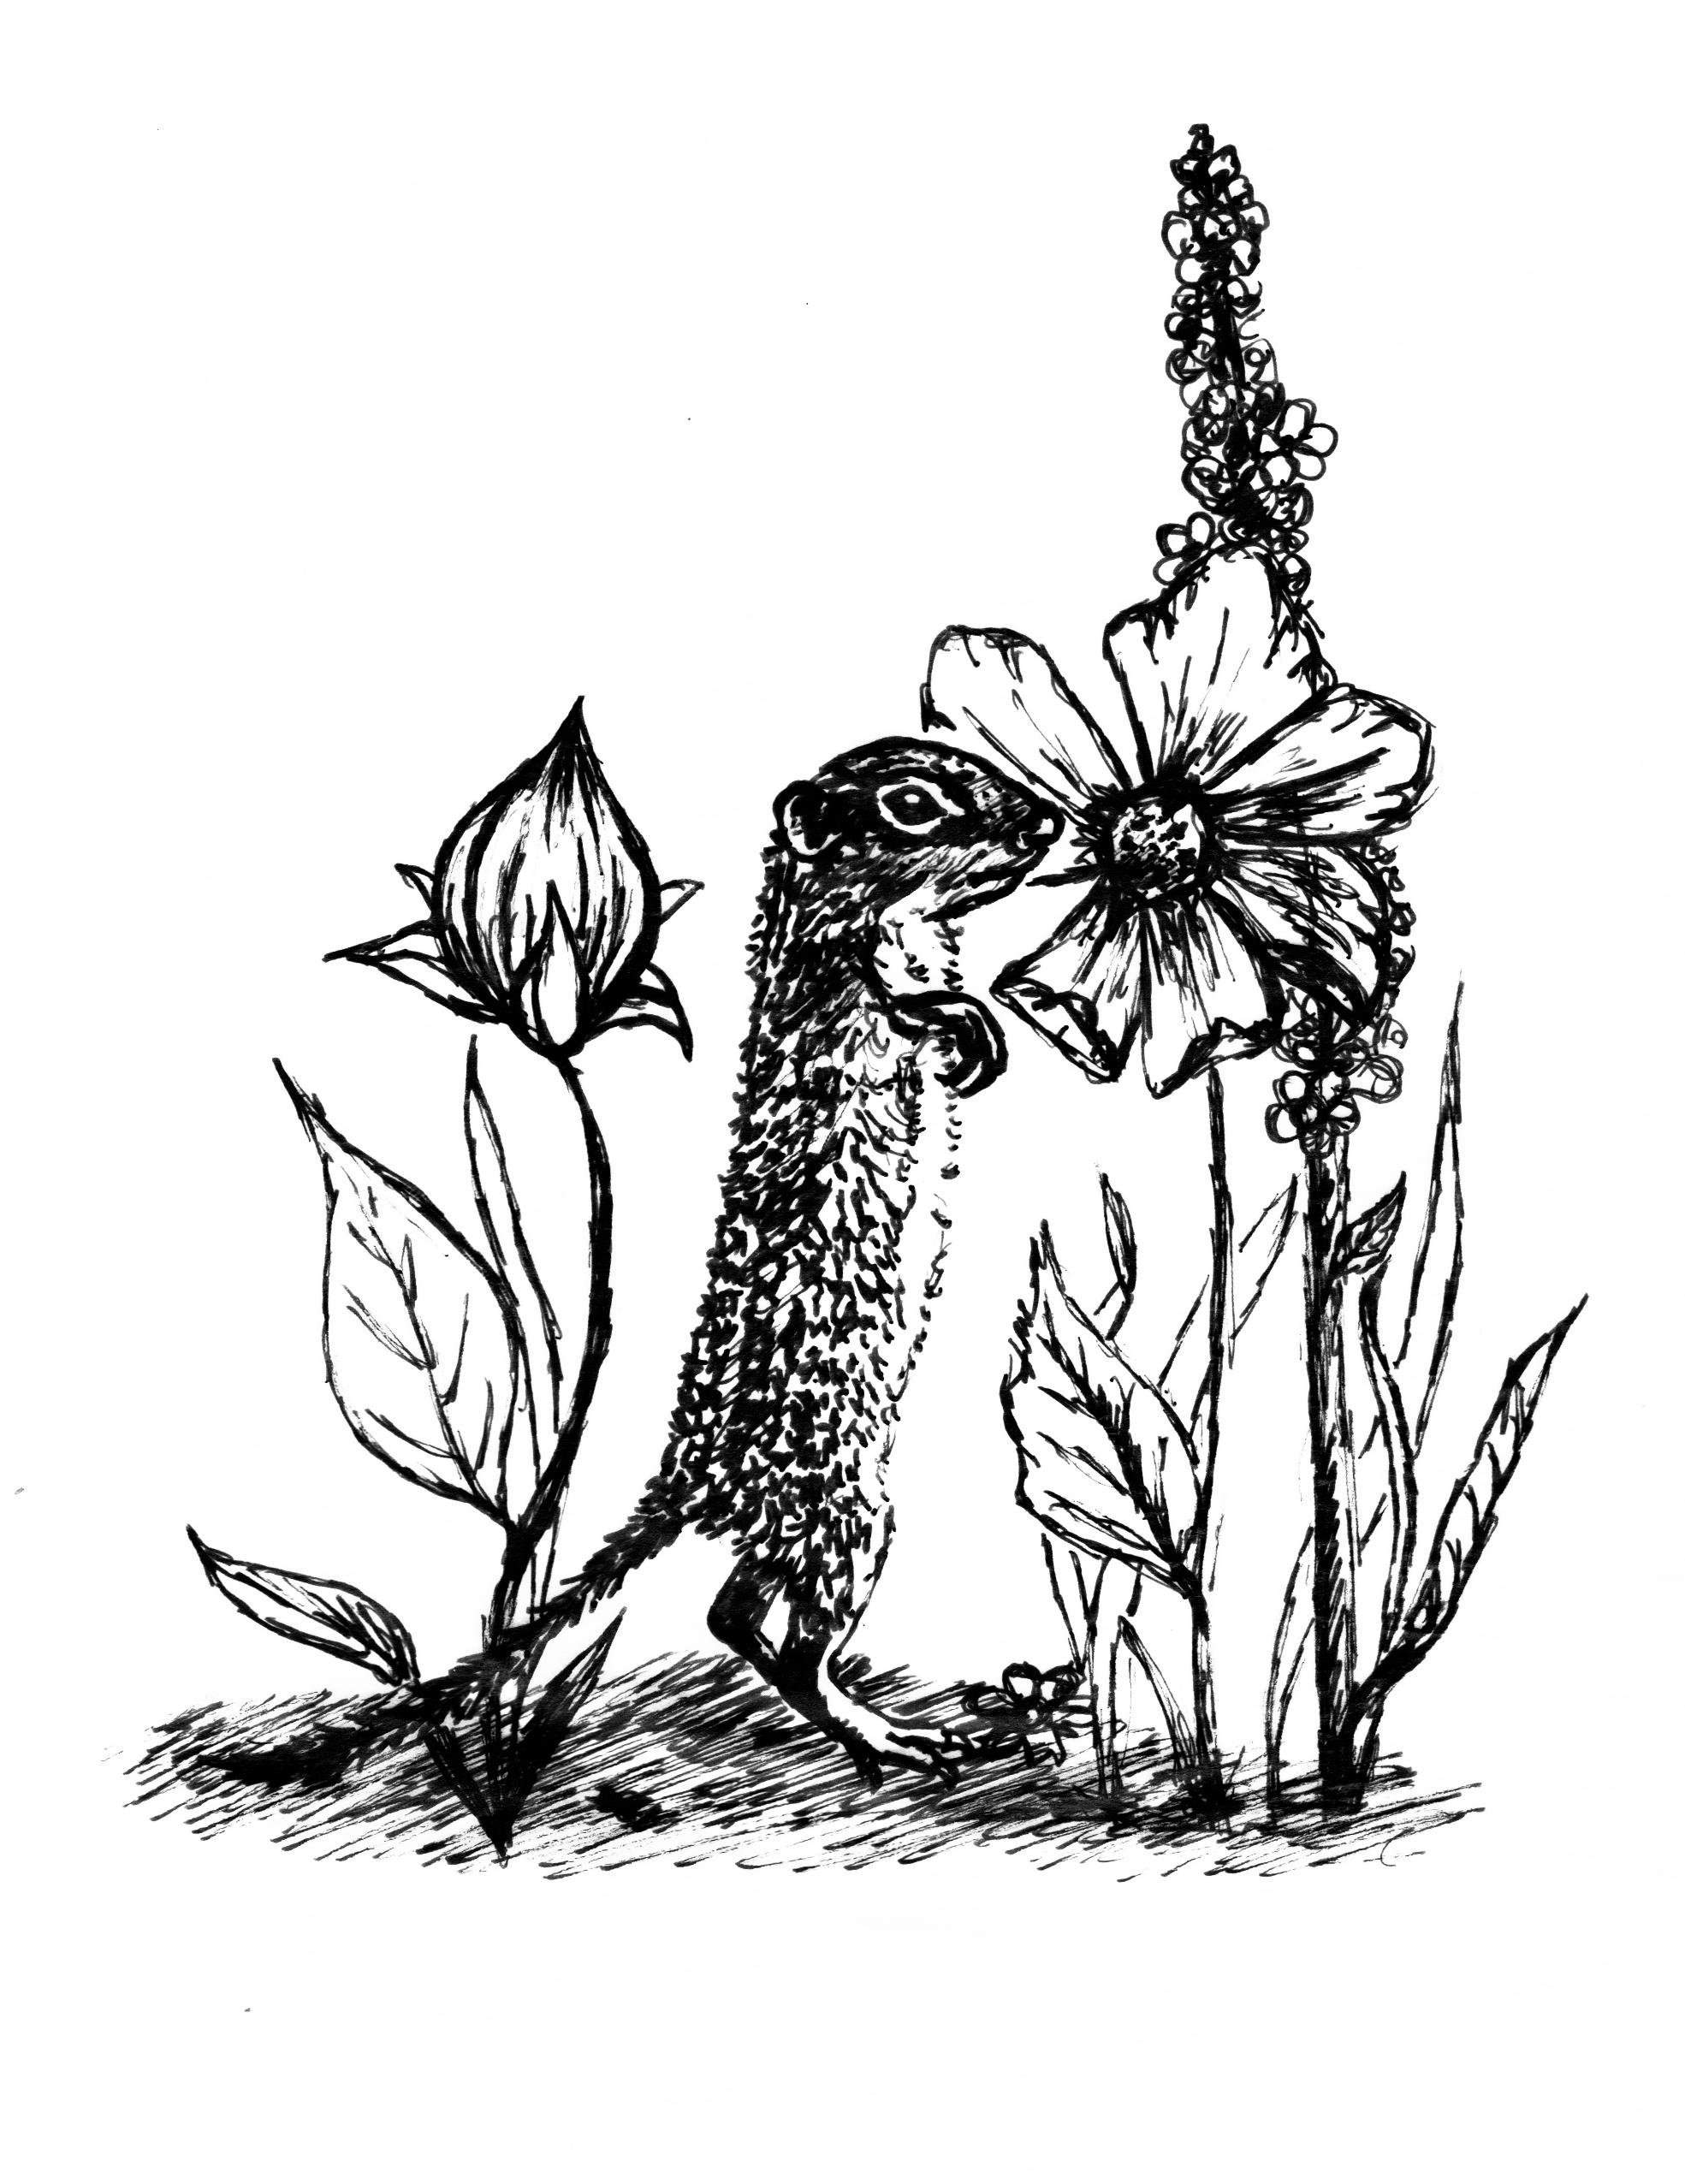 Hope-Thier-Thirteen-lined-Ground-Squirrel.jpg